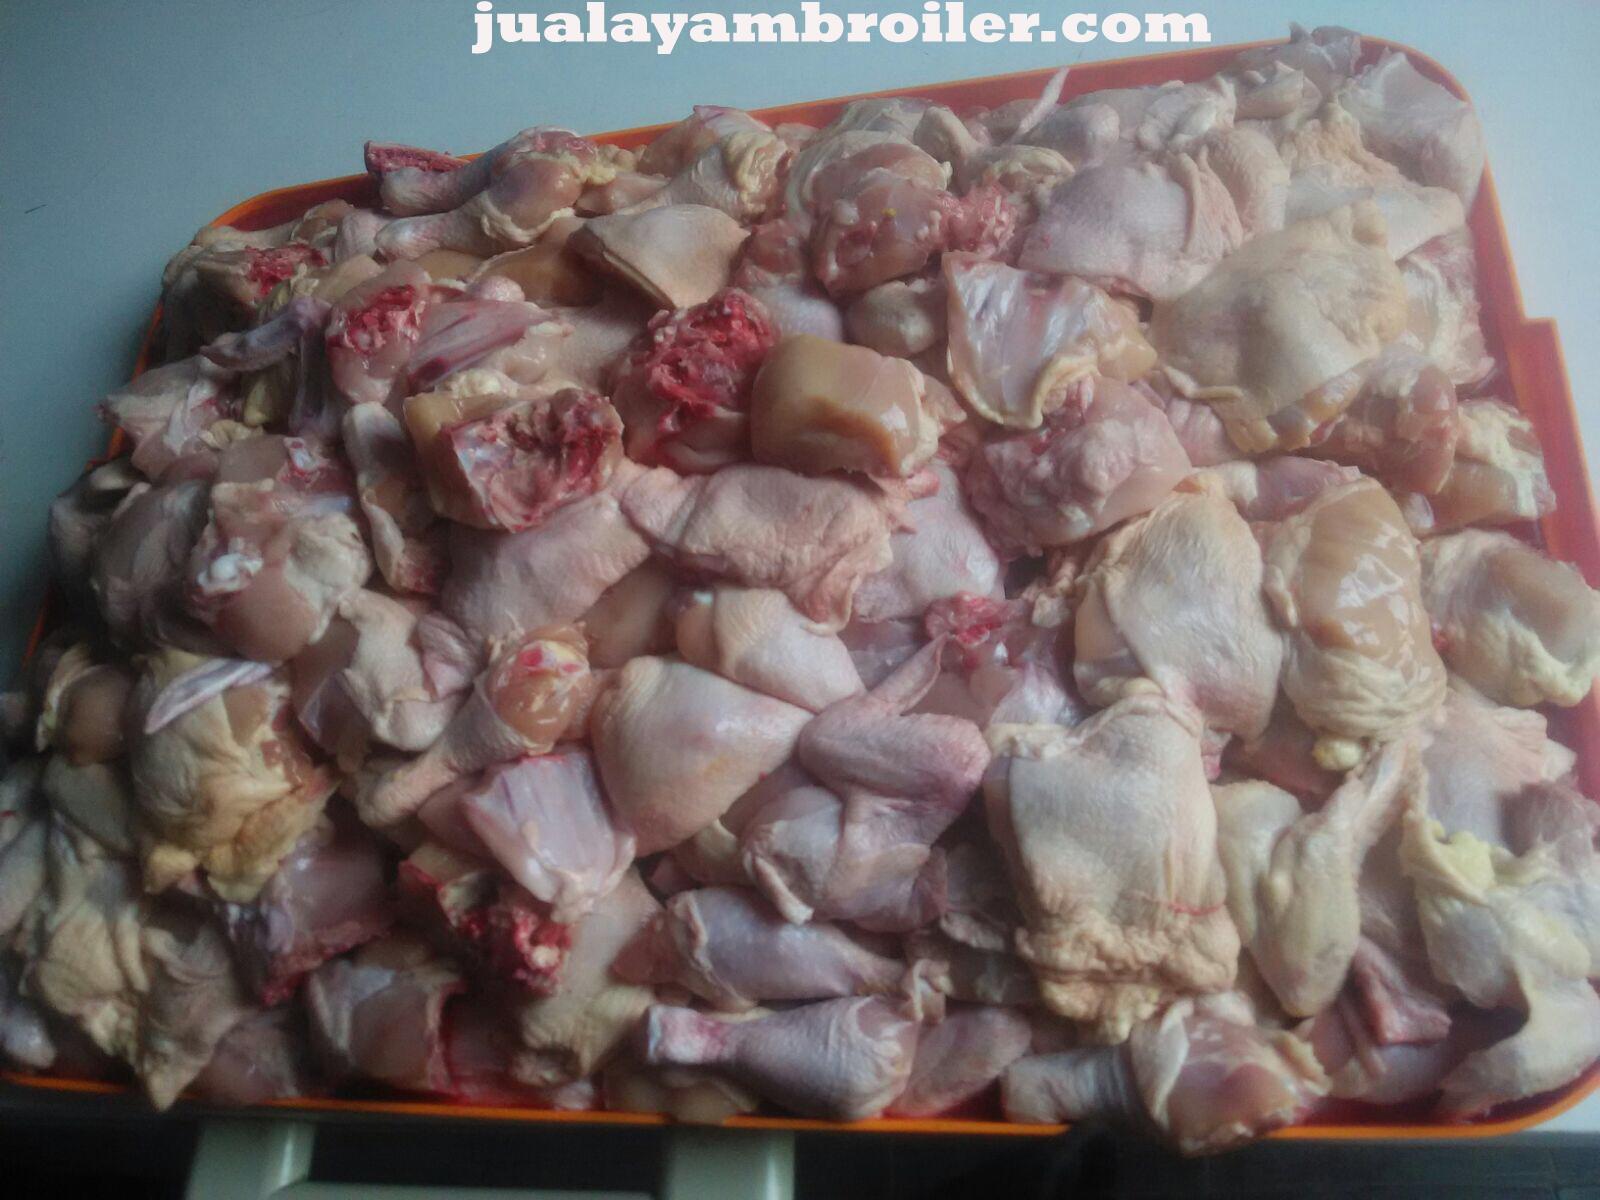 Jual Ayam Karkas di Cikini Jakarta Pusat